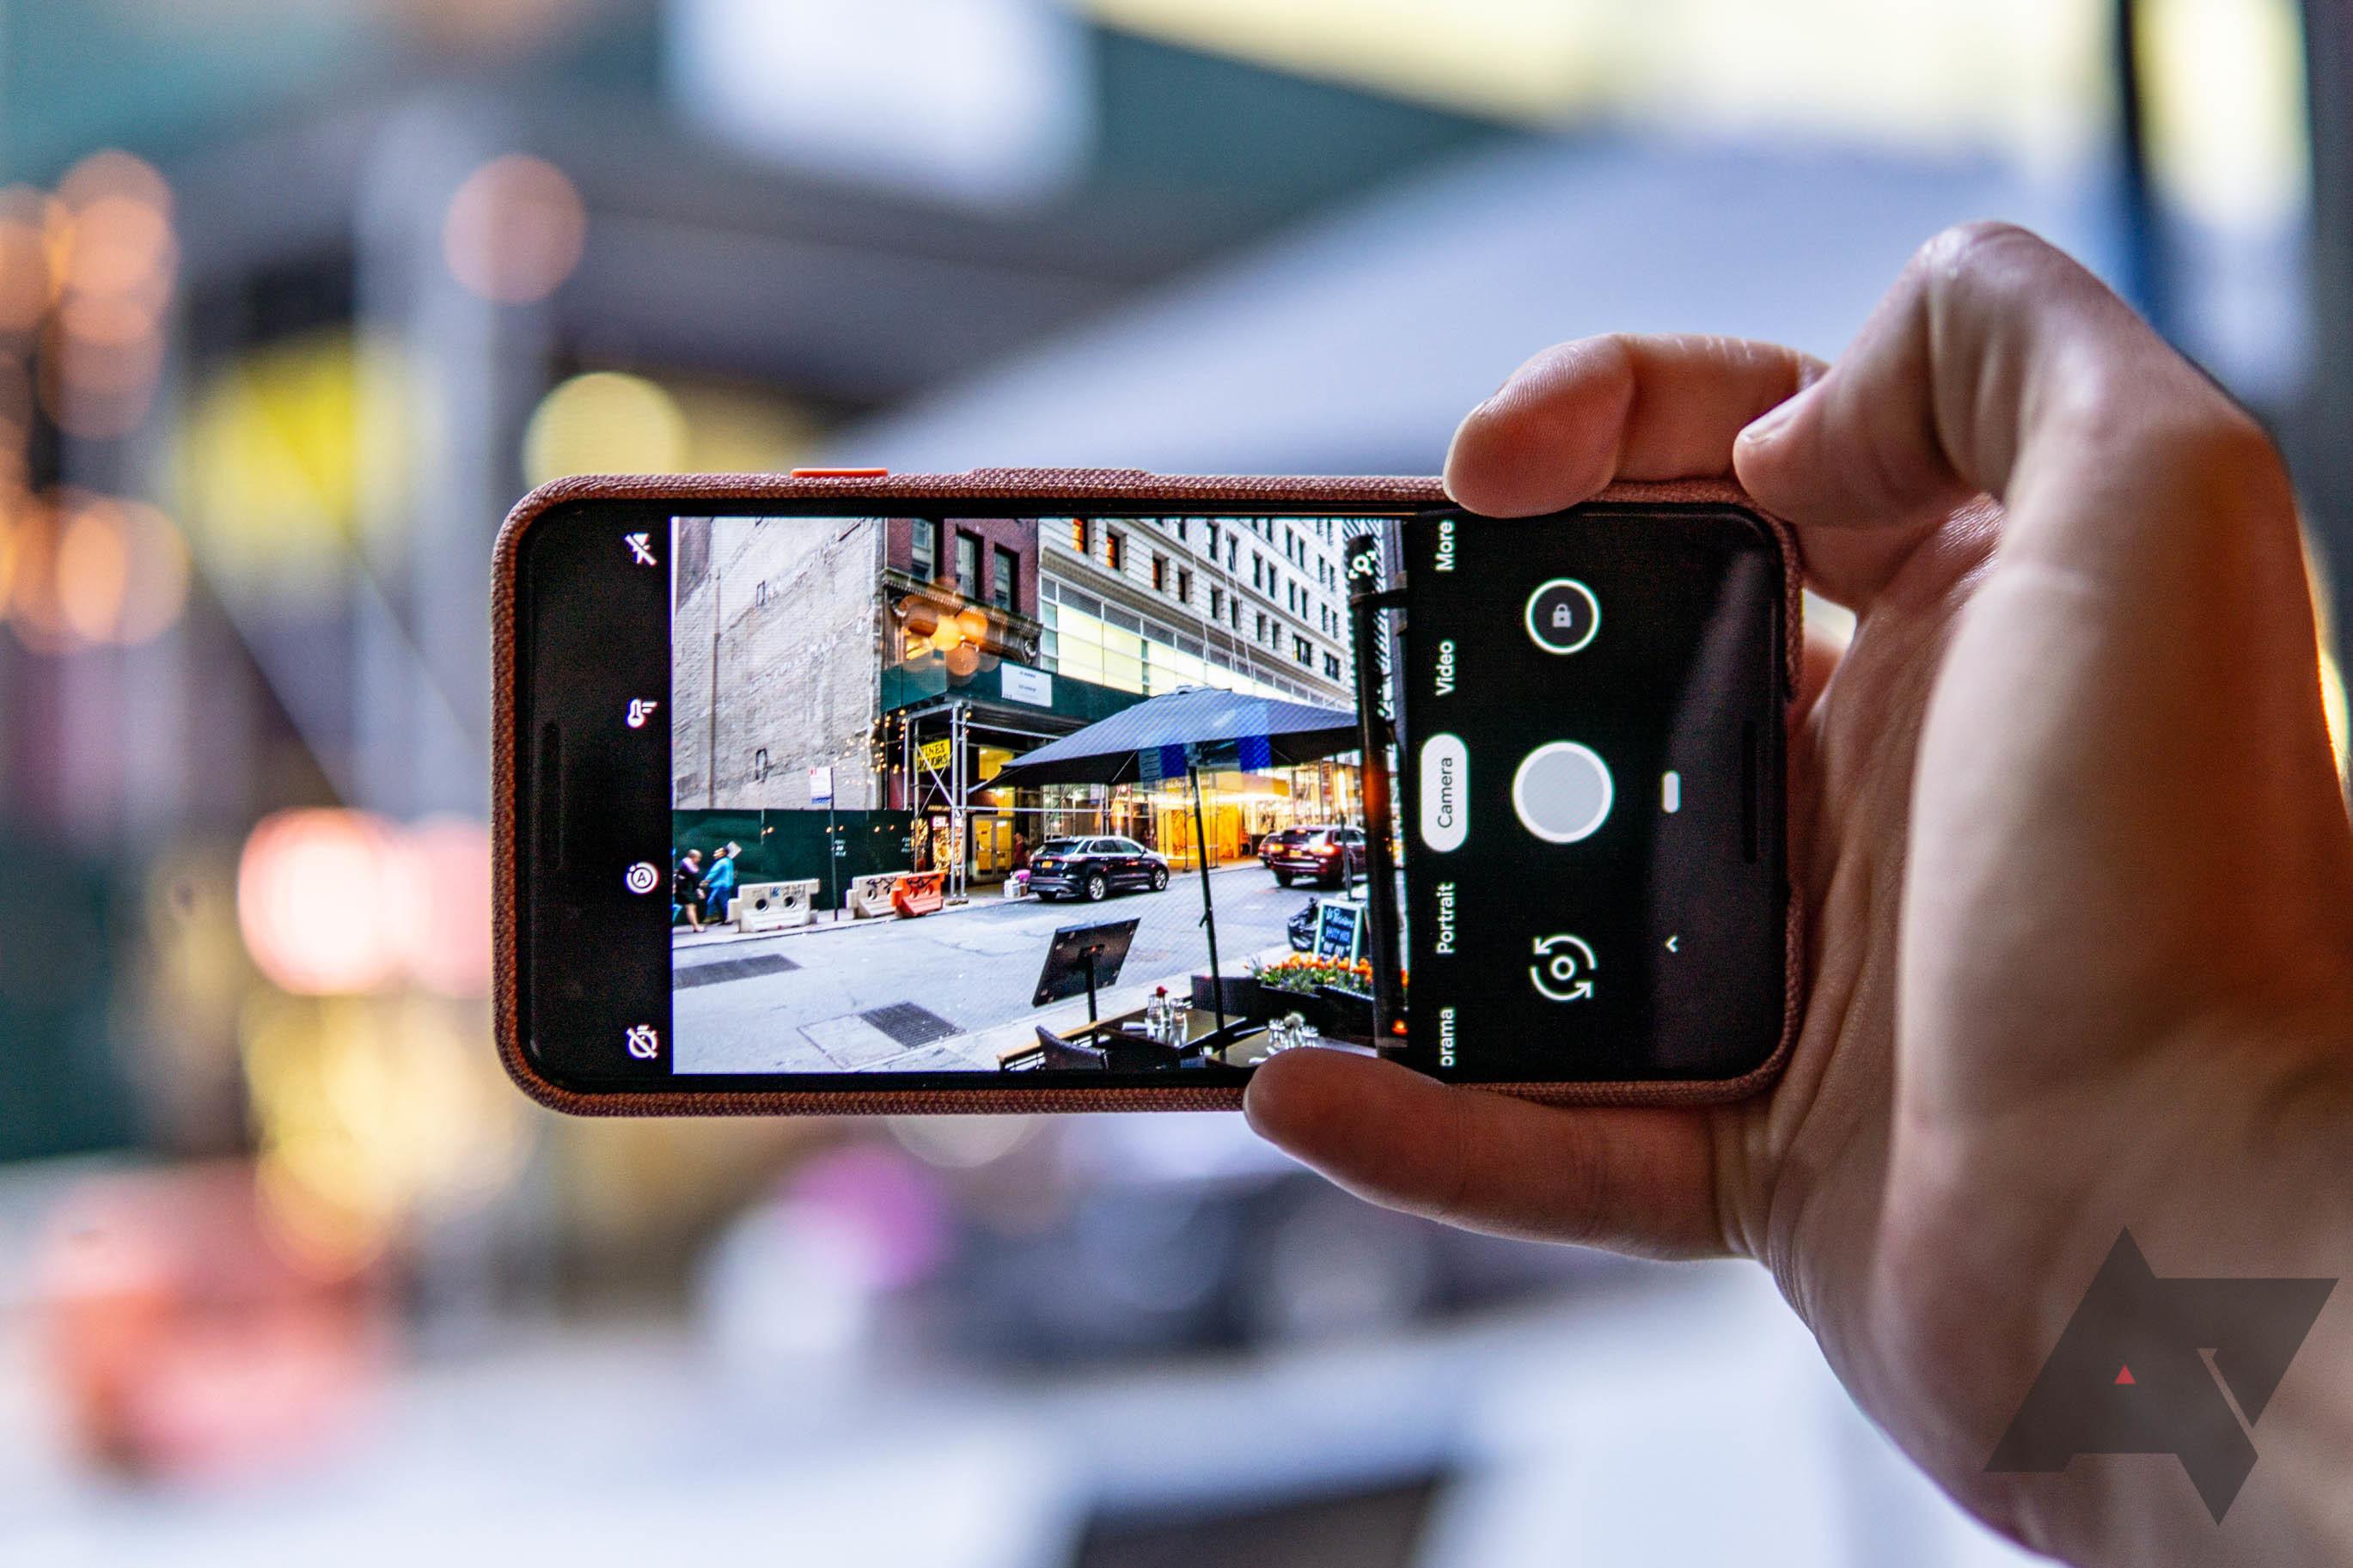 Синдром алкоголика: камера во флагманских смартфонах Google трясется сама по себе